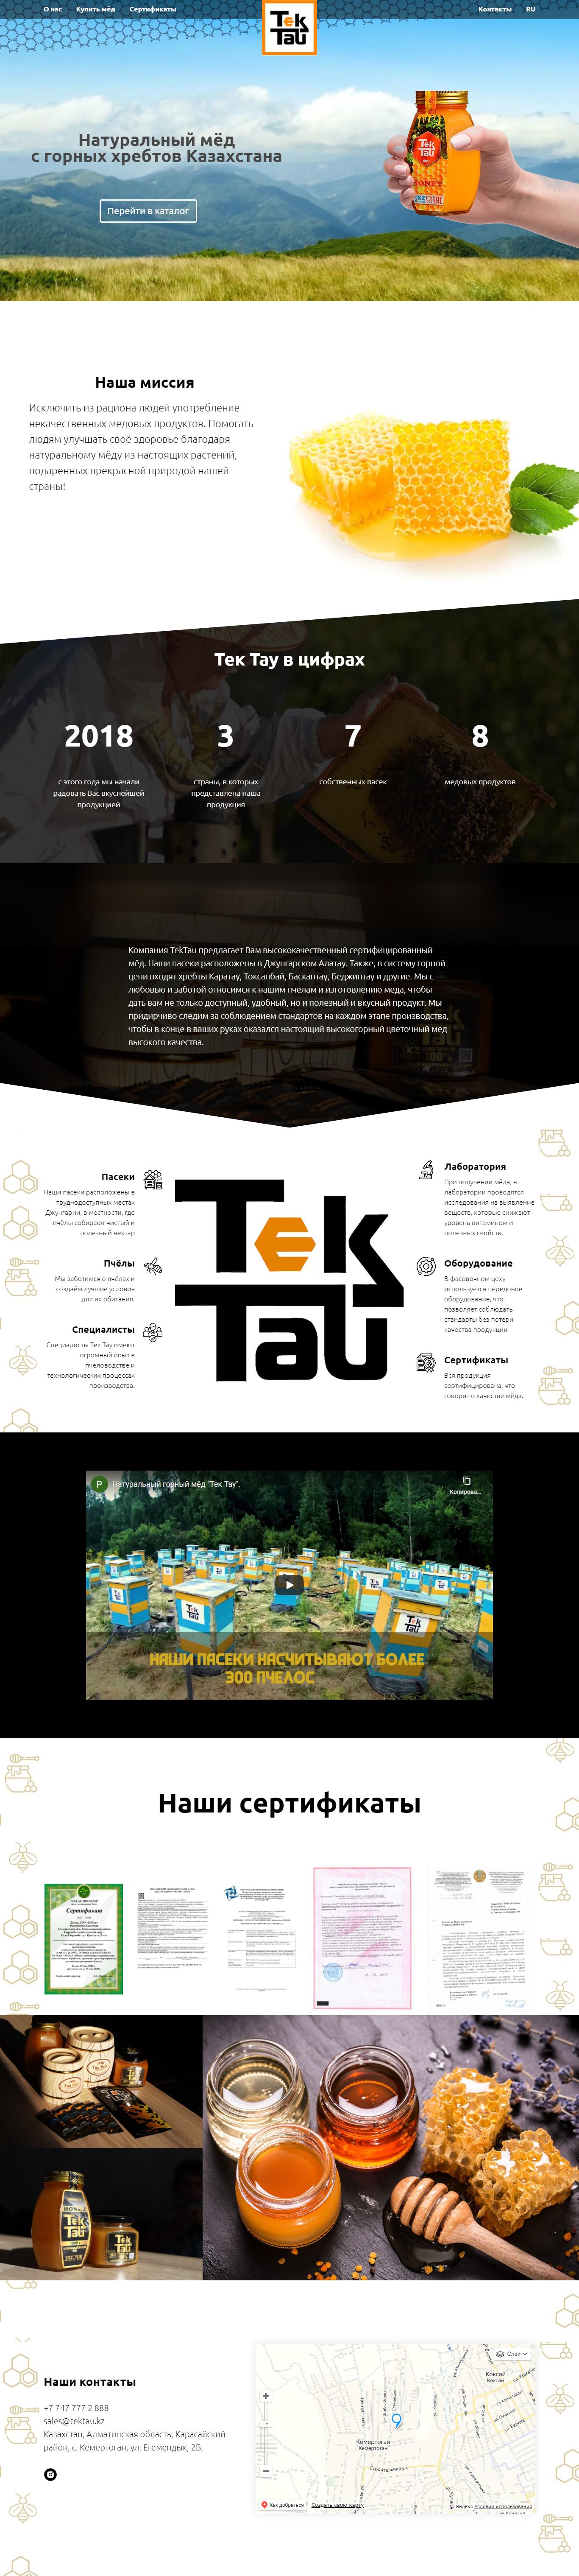 Разработка интернет-магазина медовой продукции Tektau